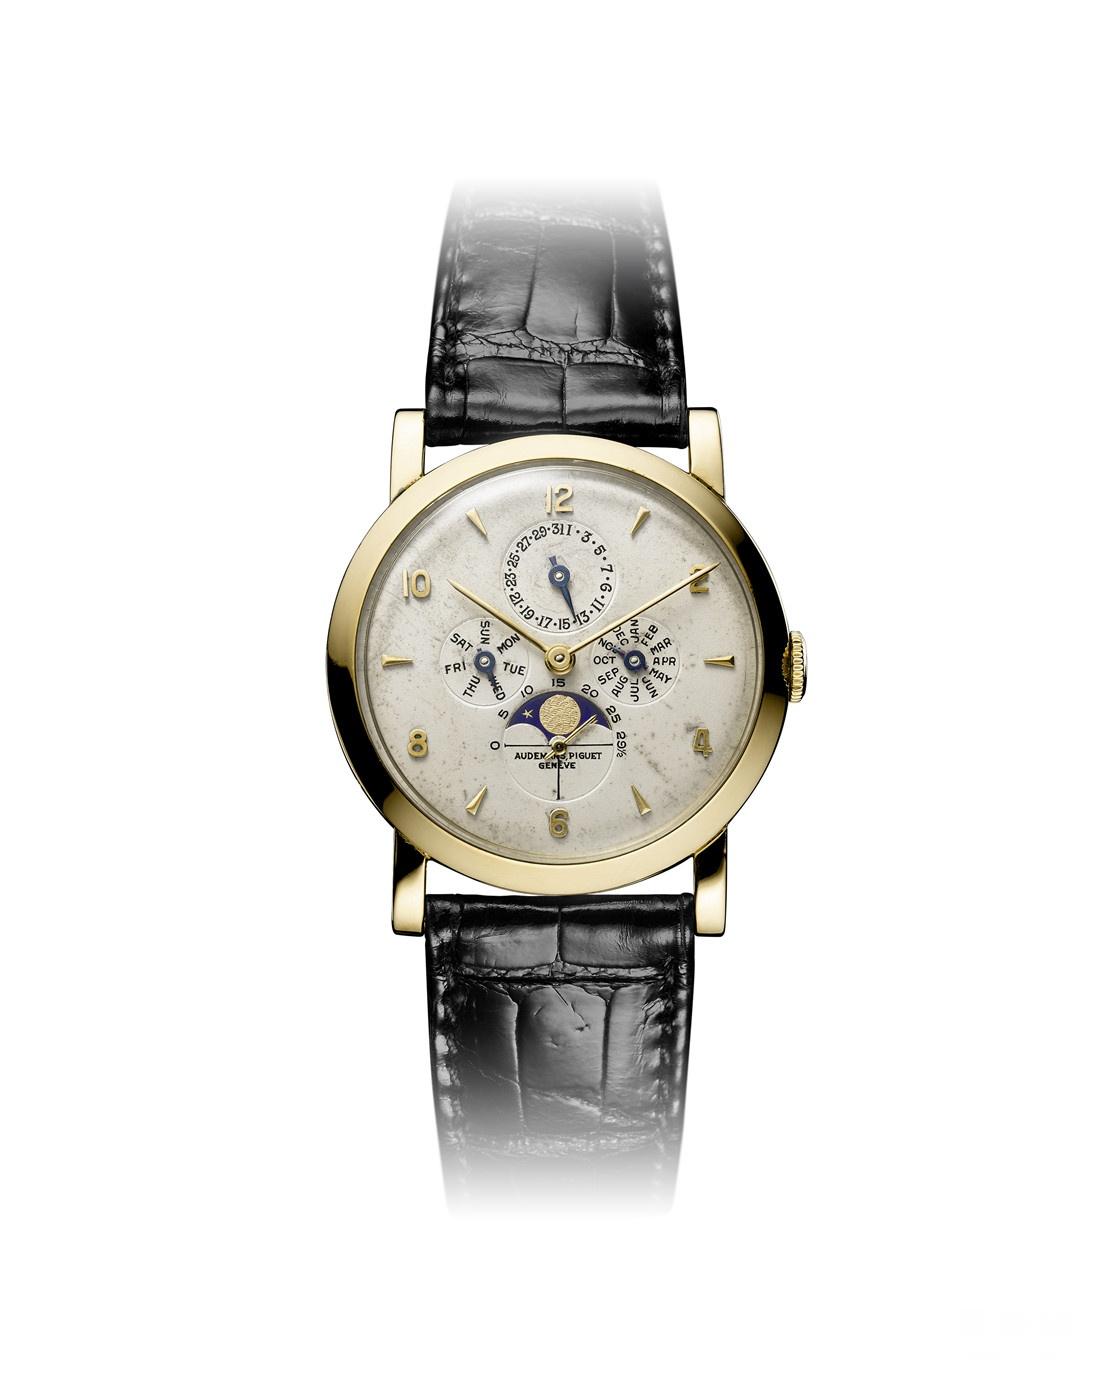 1951年面世的爱彼全历腕表Ref. 5513,奠定了1970年代品牌首款自动上链万年历腕表的设计之本